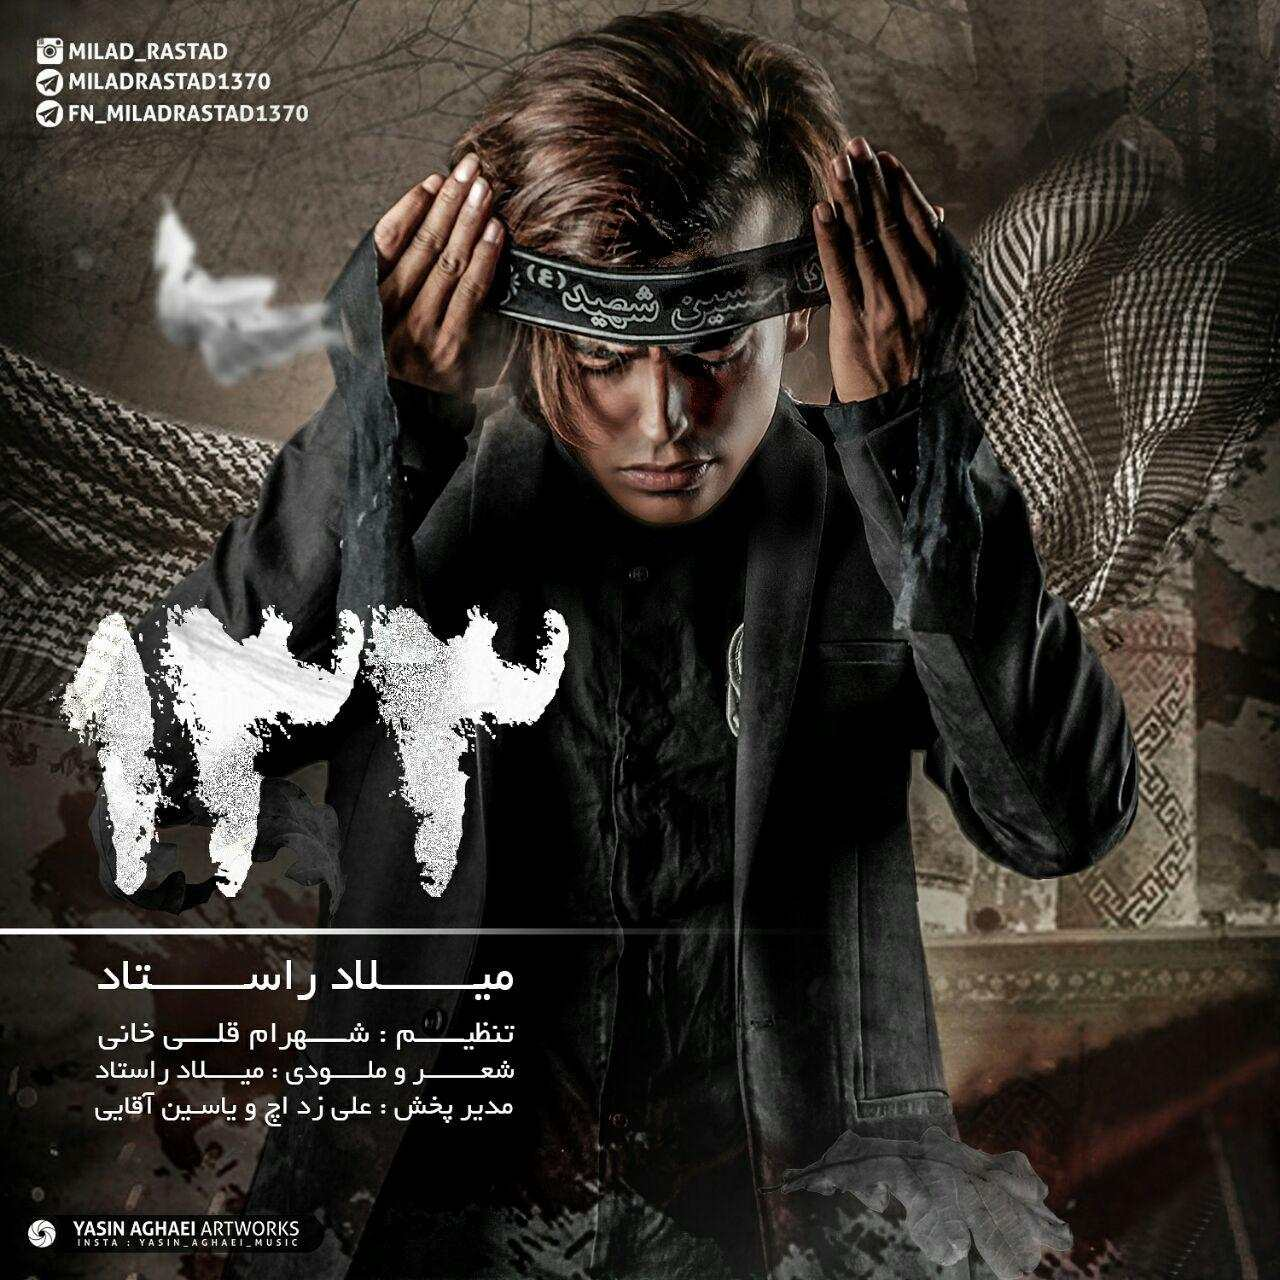 نامبر وان موزیک | دانلود آهنگ جدید Milad-Rastad-133